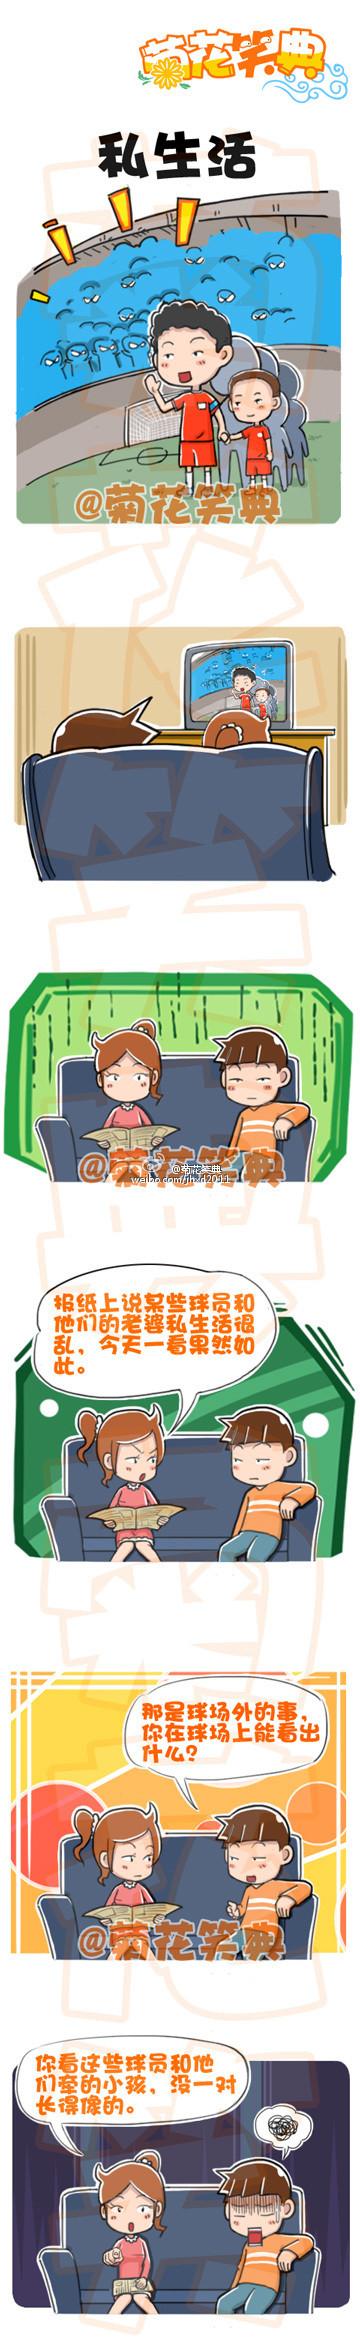 搞笑漫画:私生活 都说球员和他们的老婆私生活混乱